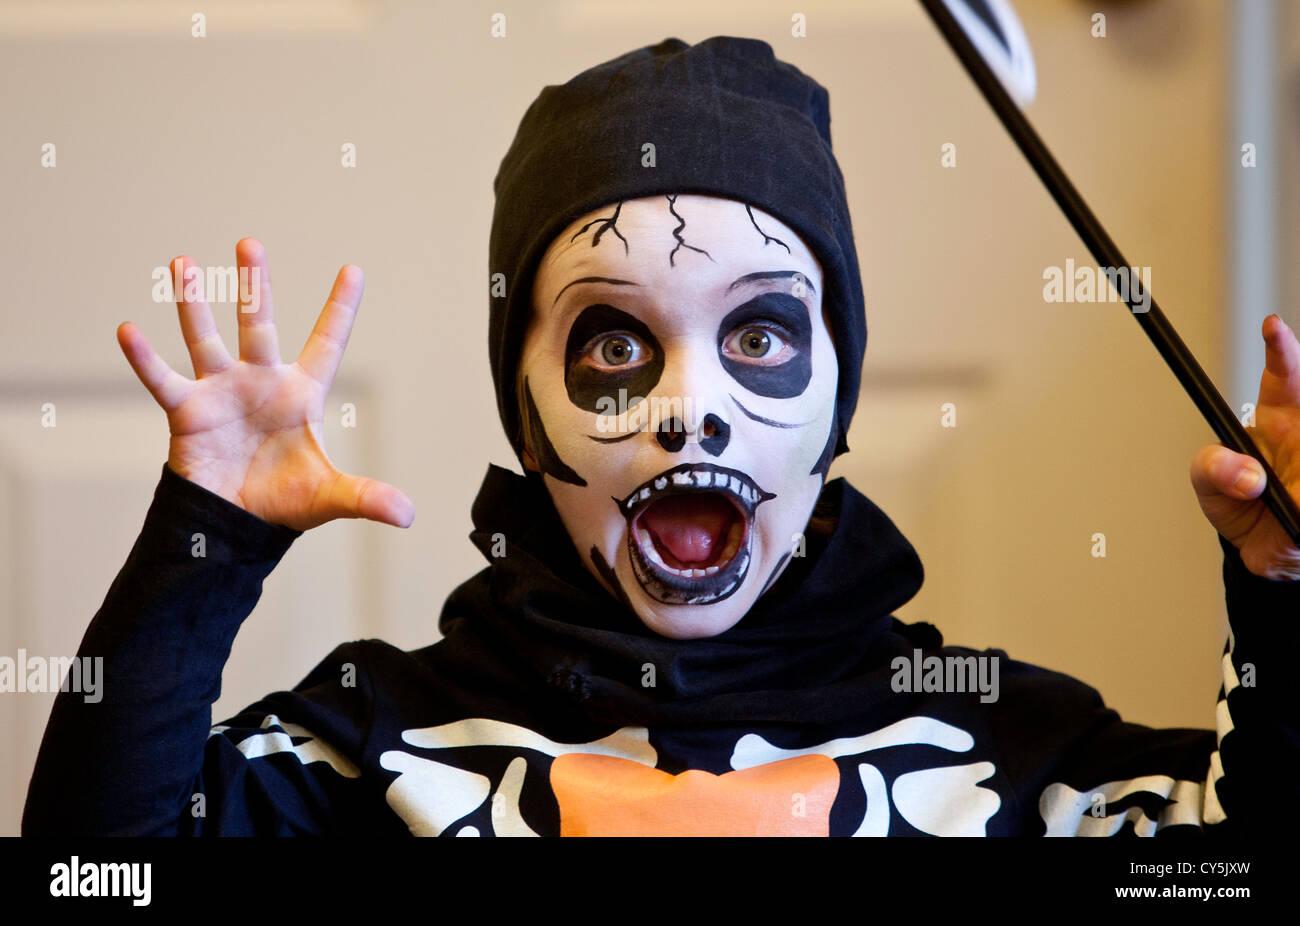 halloween gesicht, junges kind mit gesicht gemalt, furchtsames